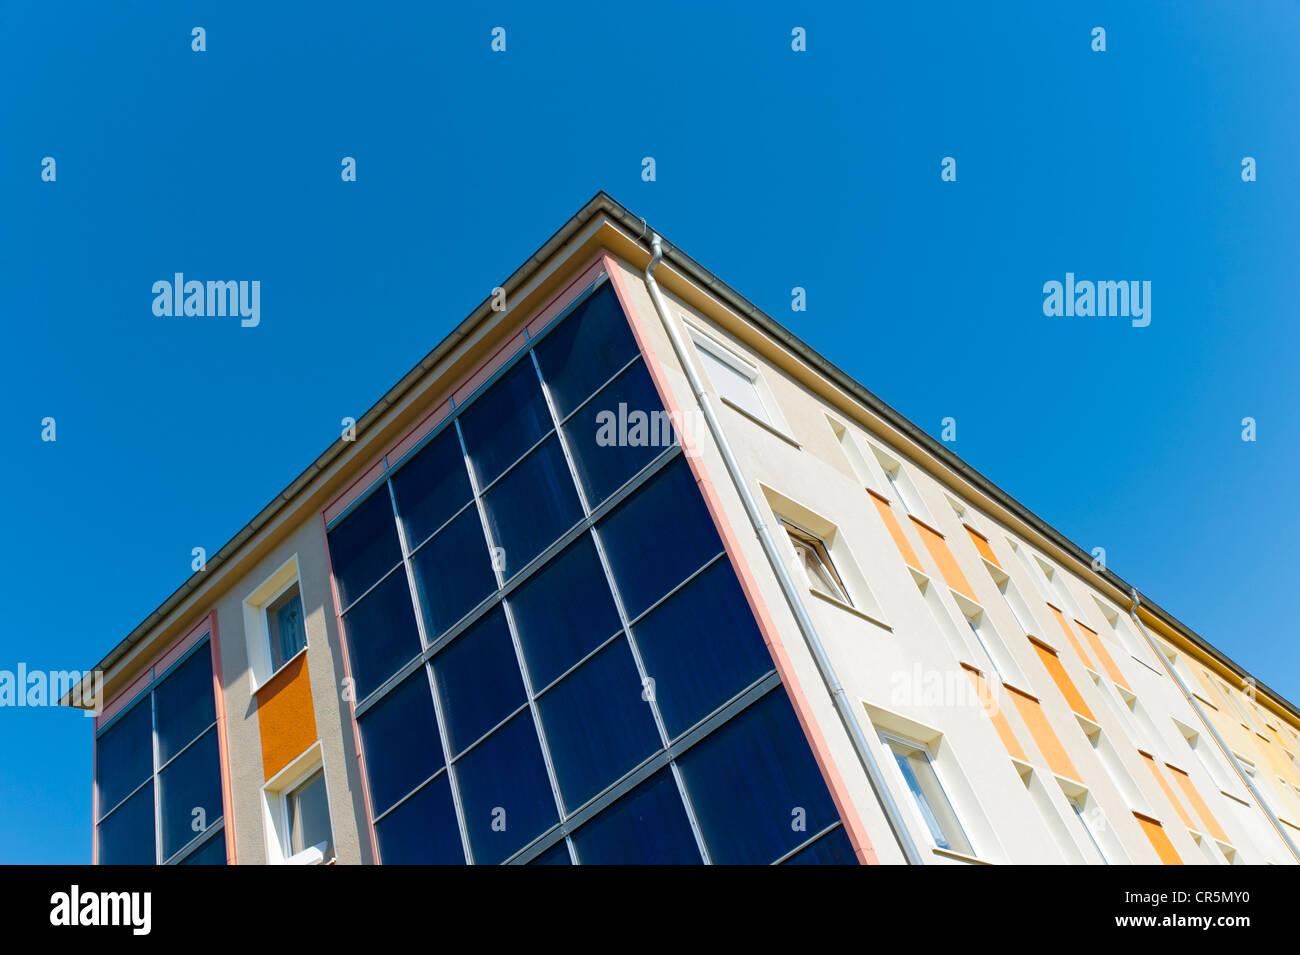 Panels On Building Facade Stock Photos & Panels On Building Facade ...